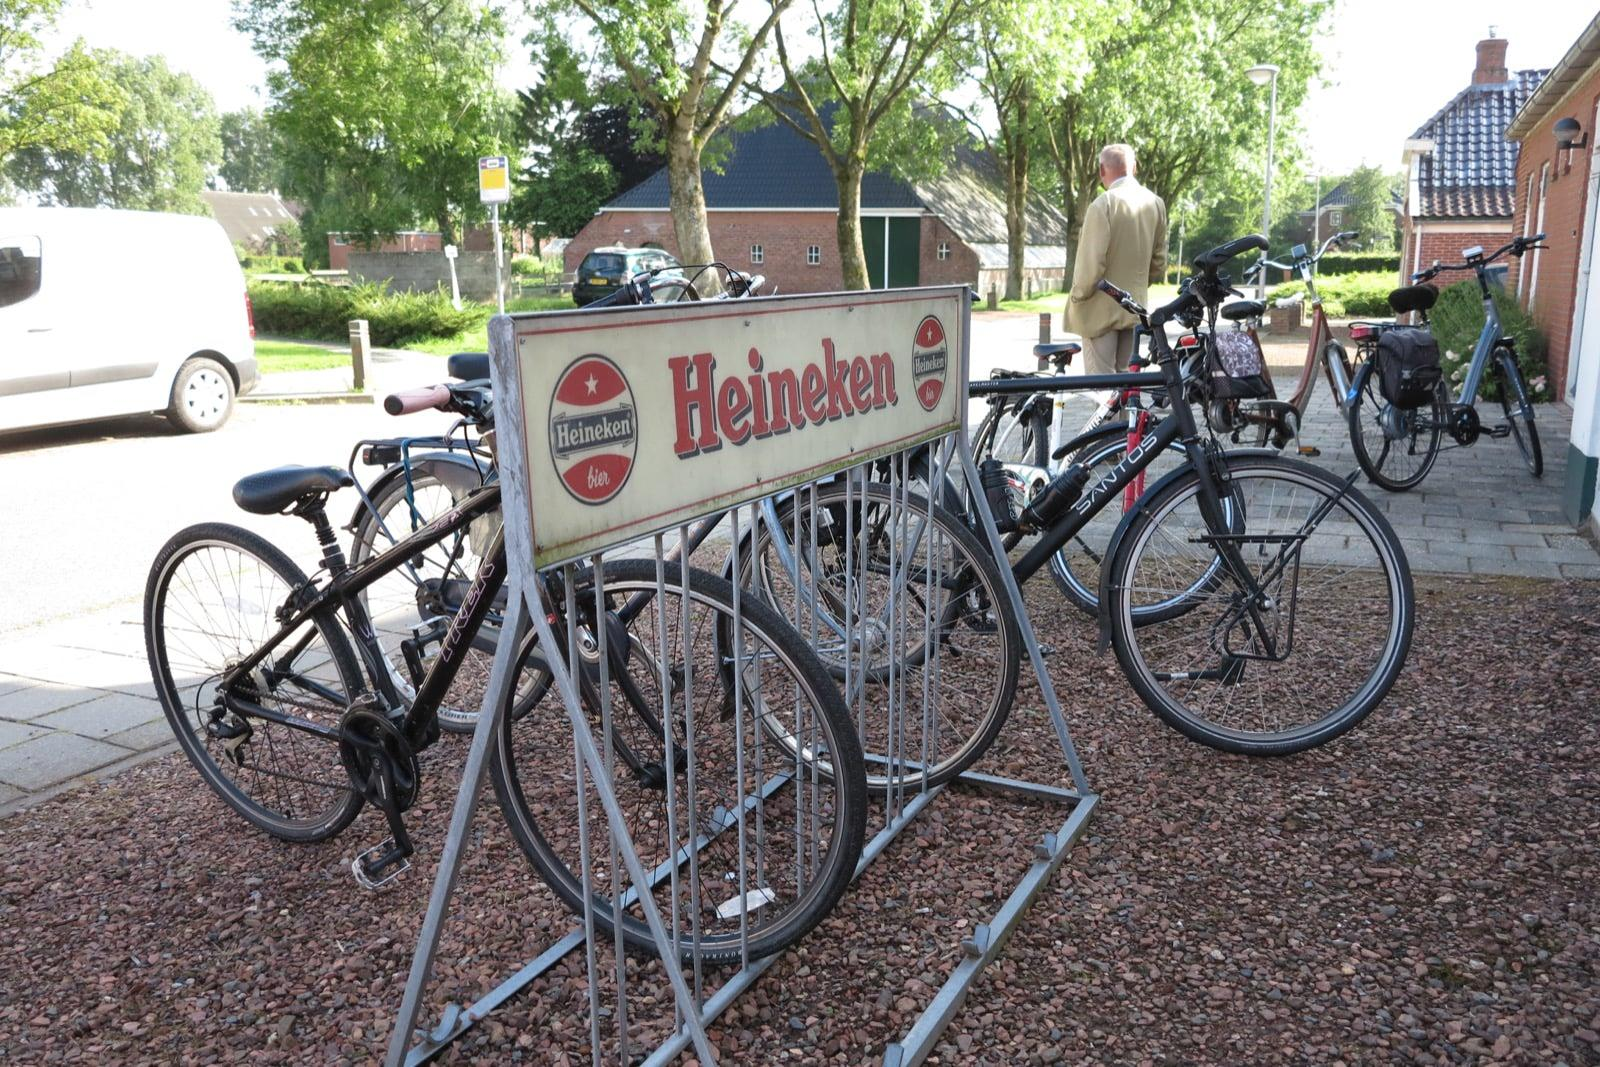 et-fiets-en-fietser-50-thesinger-fietstocht---quiz-master-jacob-vd-wouden-oi.jpg